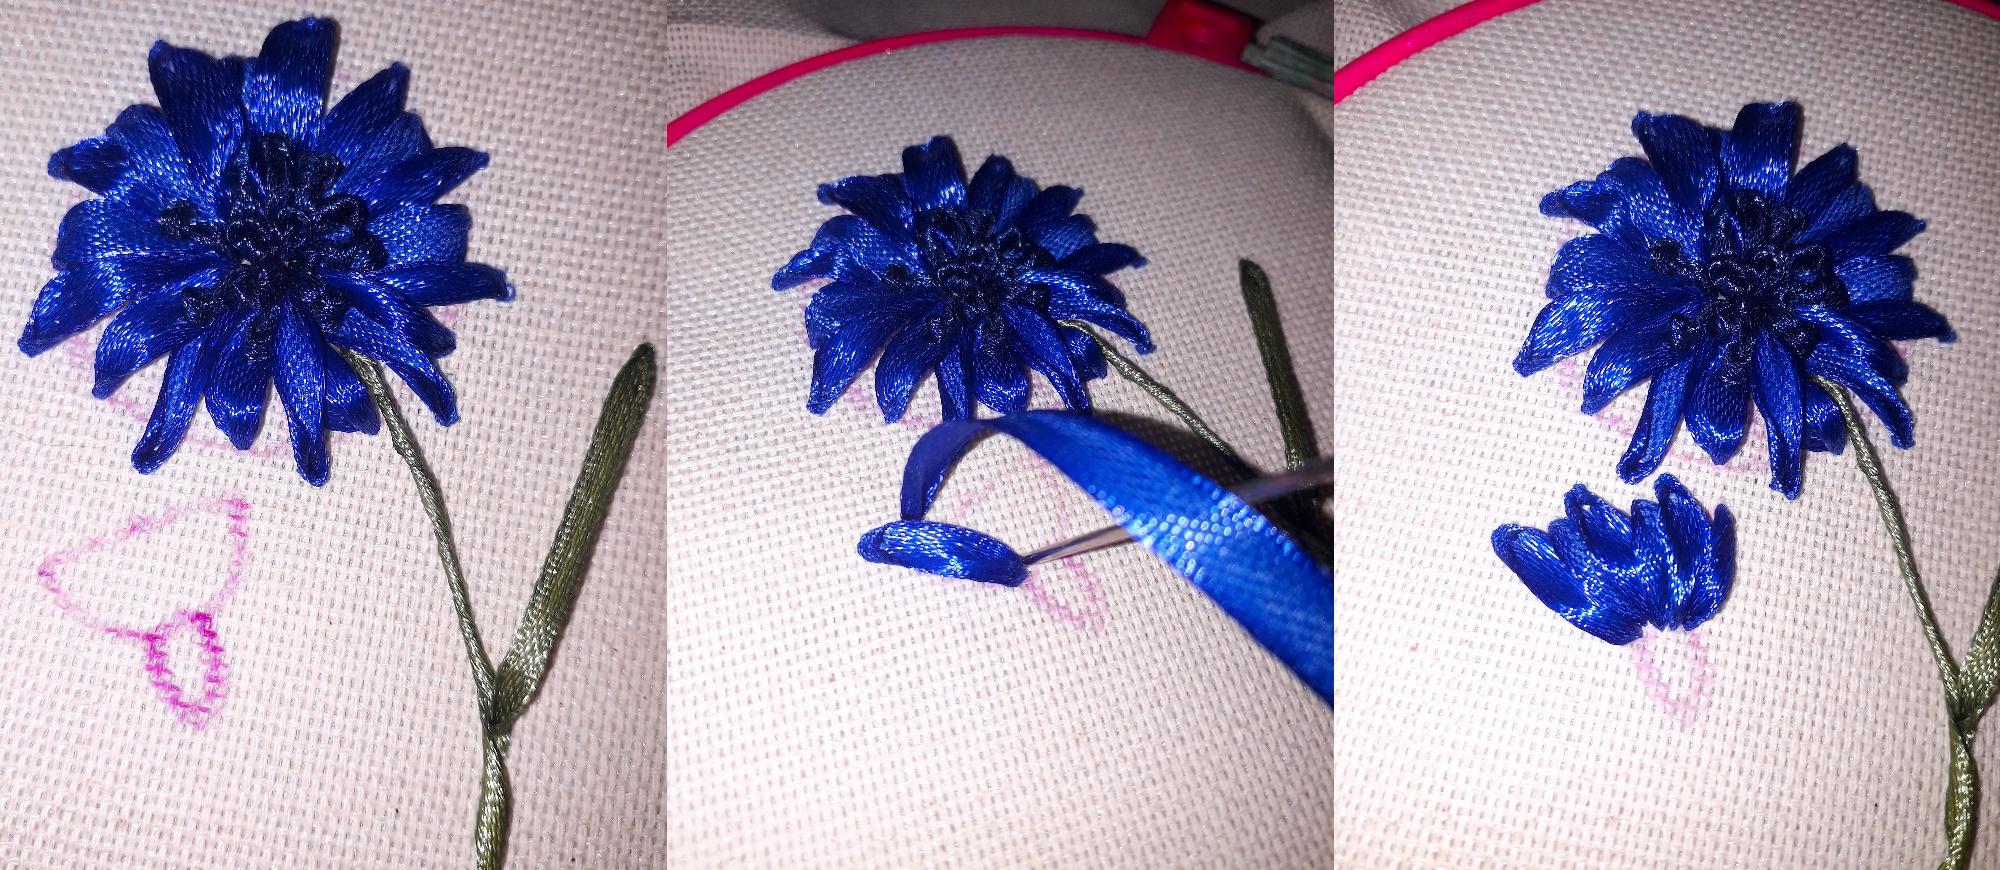 Мастер-класс по вышивке лентами васильков